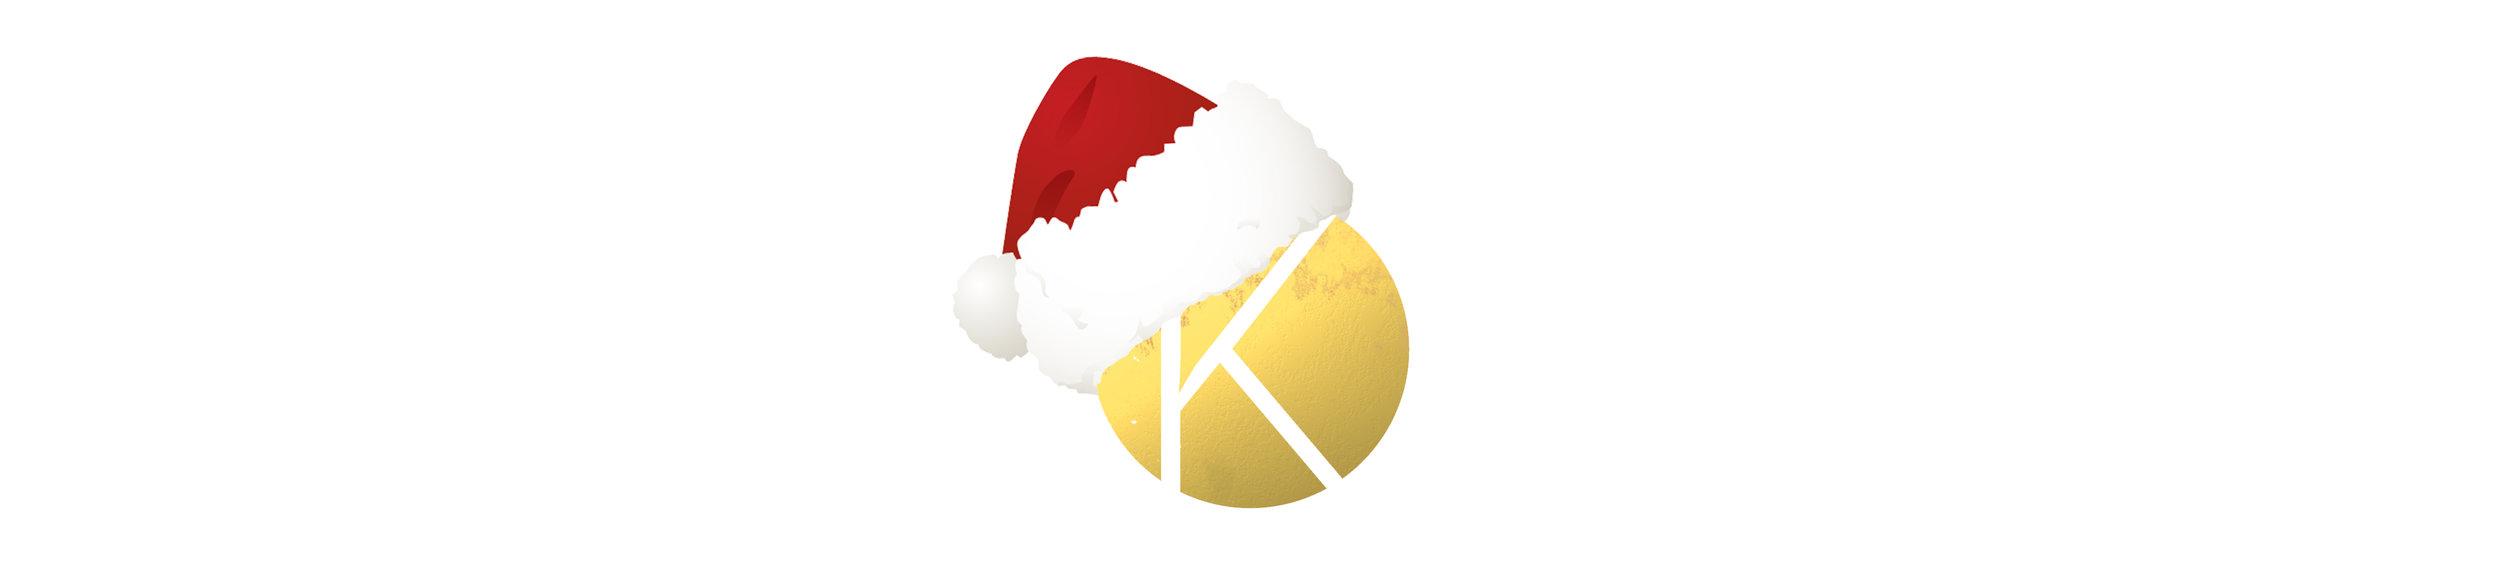 k-santa-hat-banner.jpg